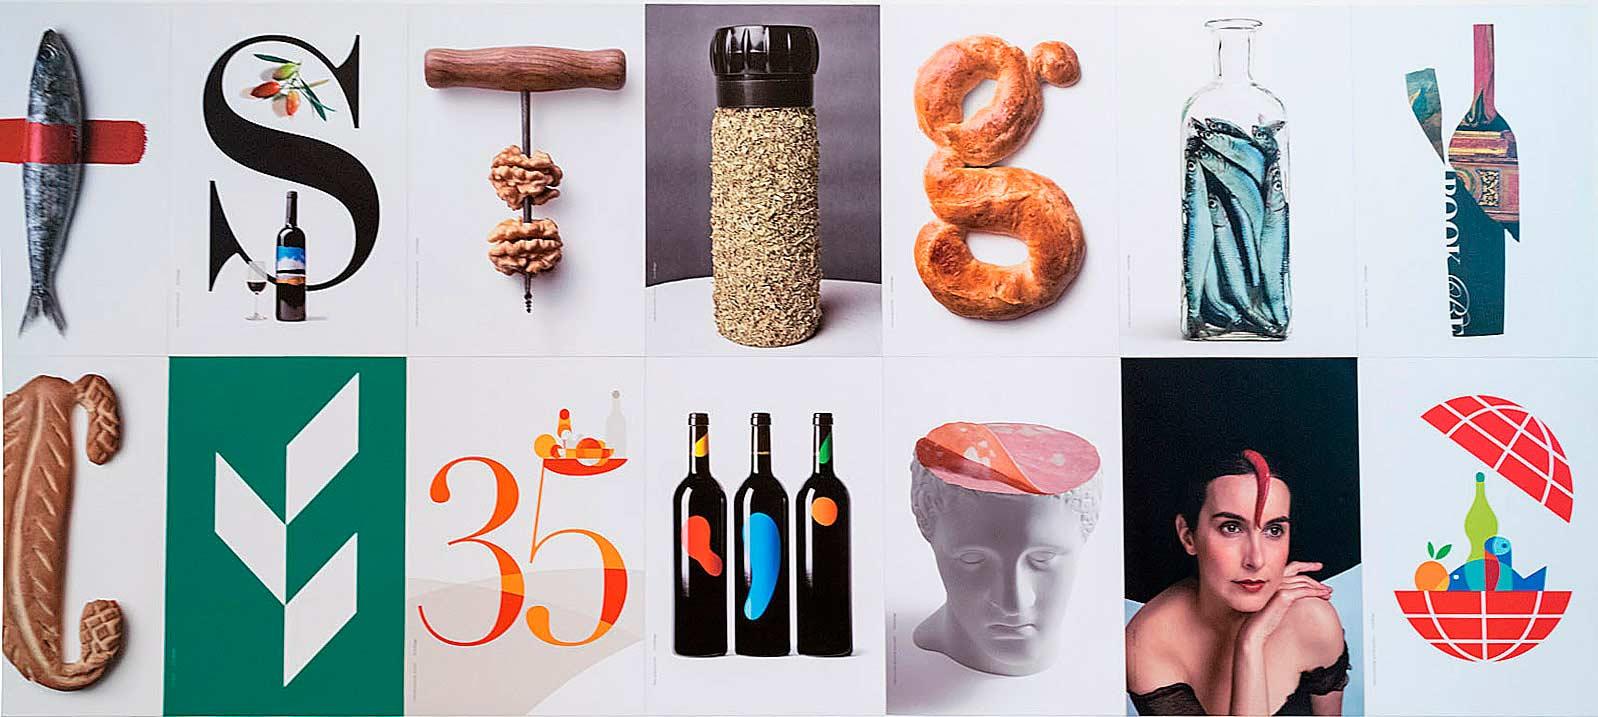 Diseñador-Manuel-Estrada--diseños-para-varios-productos